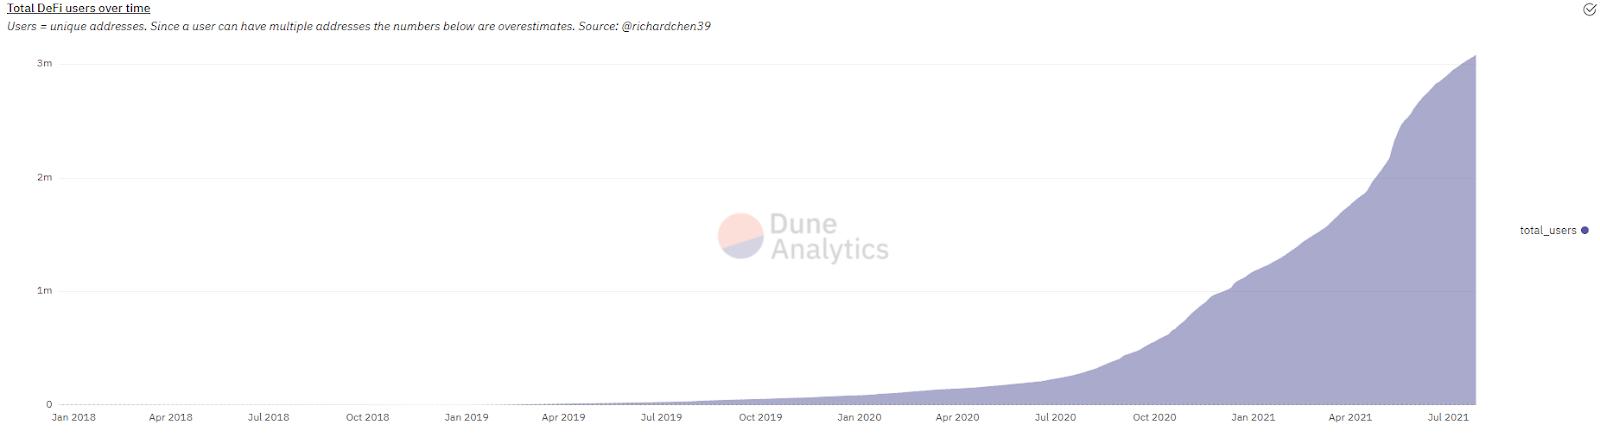 Количество пользователей DeFi-проектов превысило 3 млн